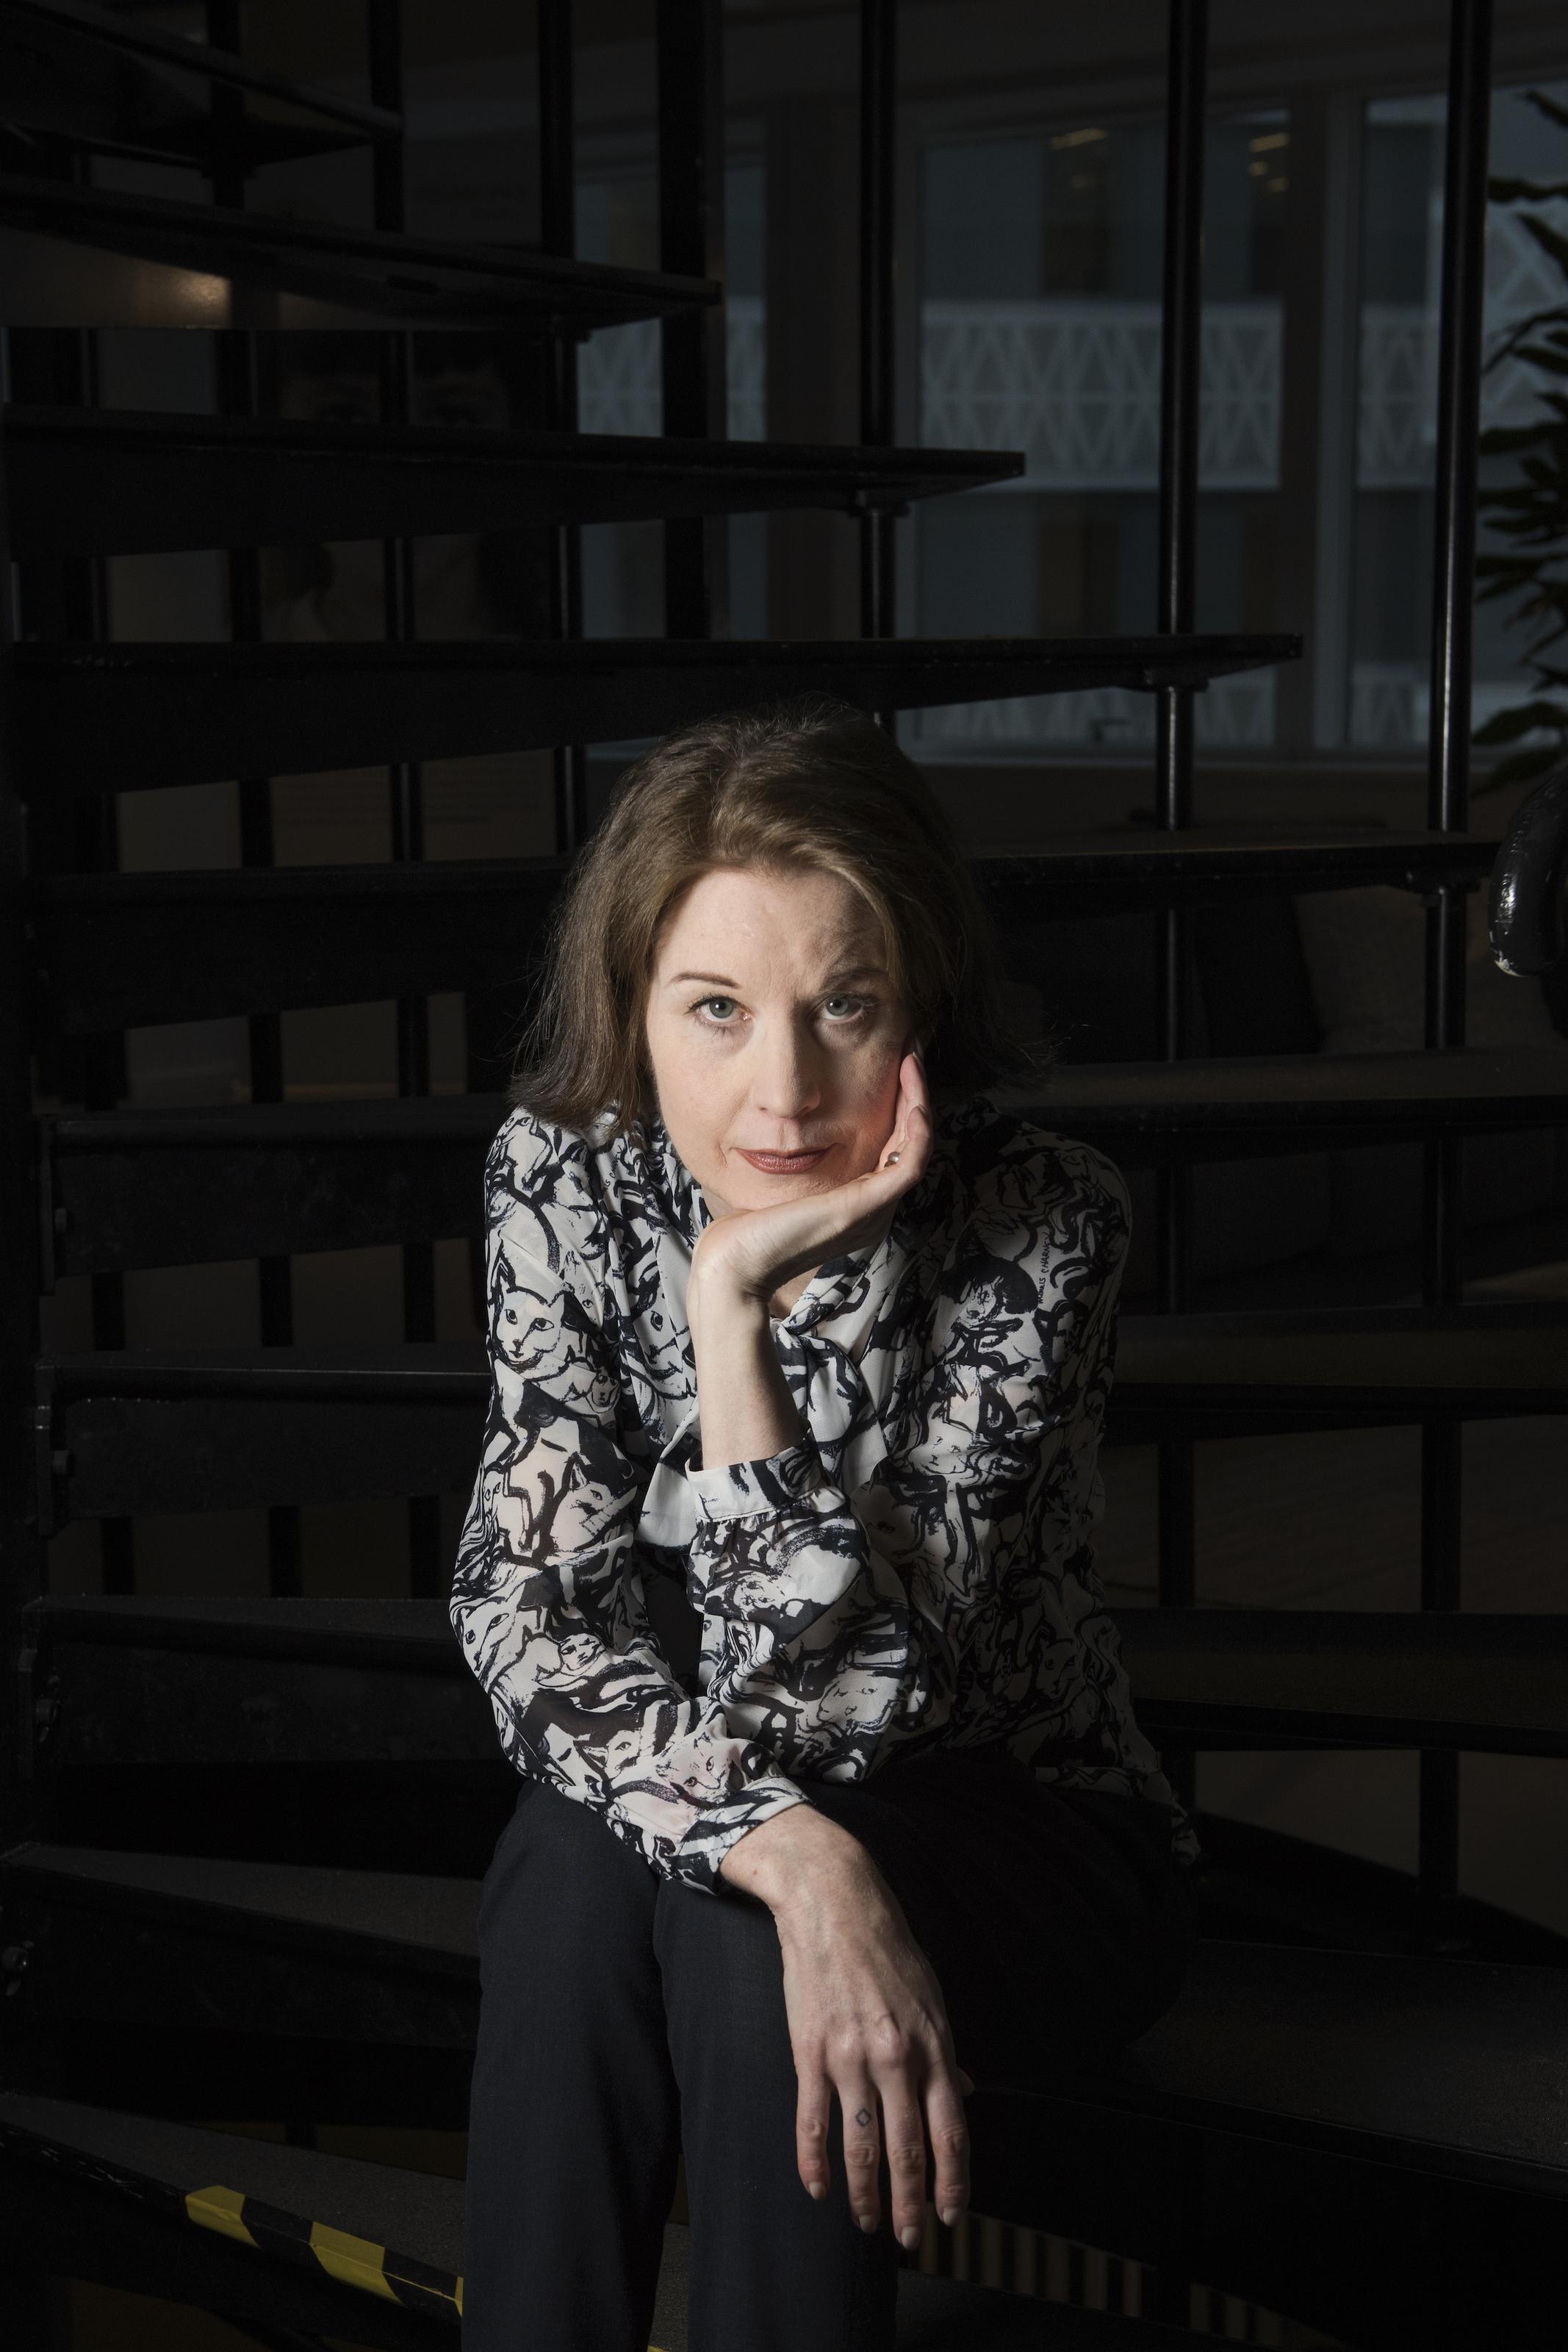 ffdff0a6c16 Linda Skugges sjukdom har gjort att hon dragit sig tillbaka från  rampljuset. Foto: Ann Jonasson